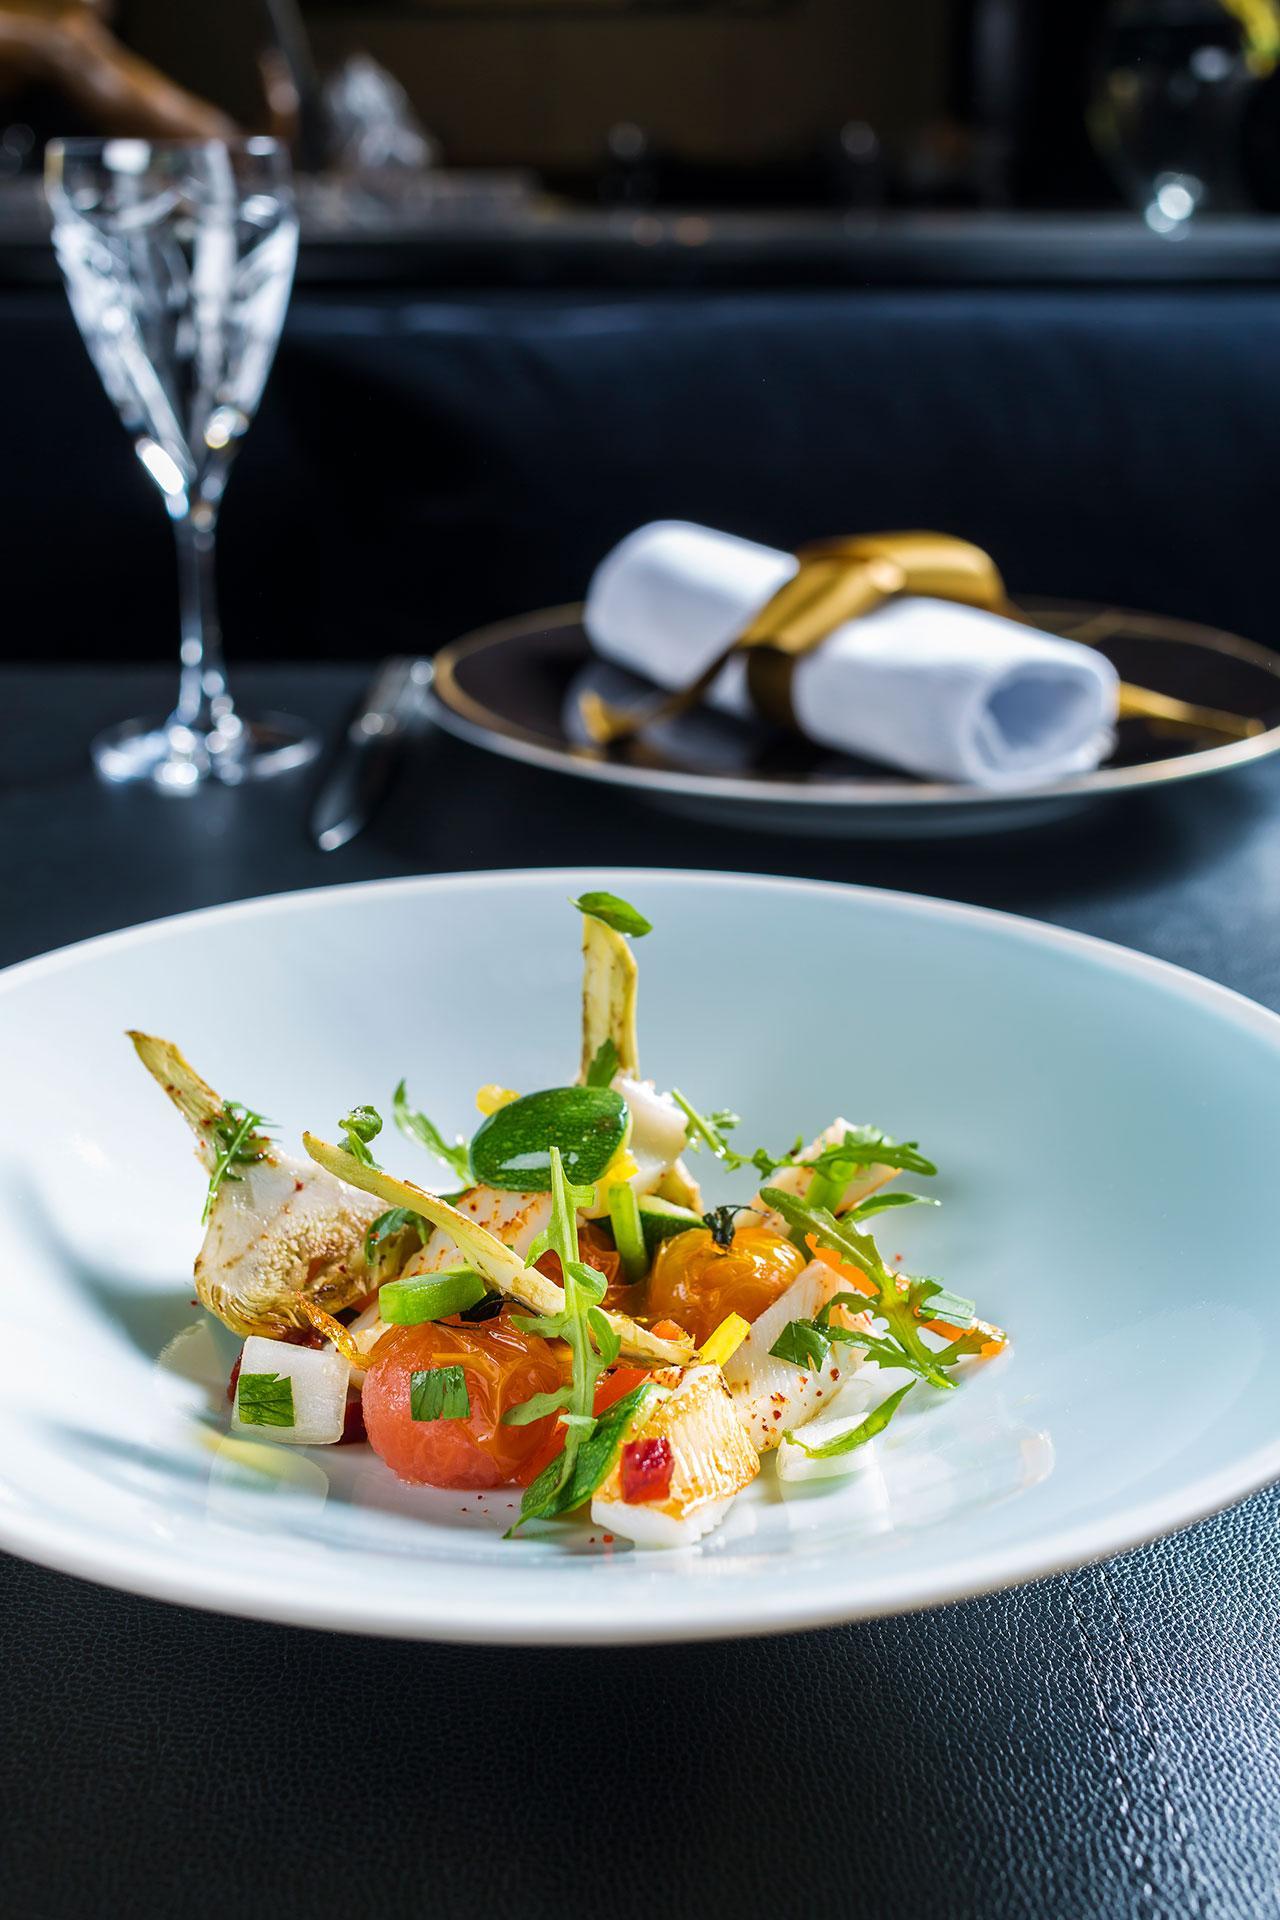 คอร์สเมนูหลัก Squid salad  น่าโดนสักจานไหมเธอ ?!